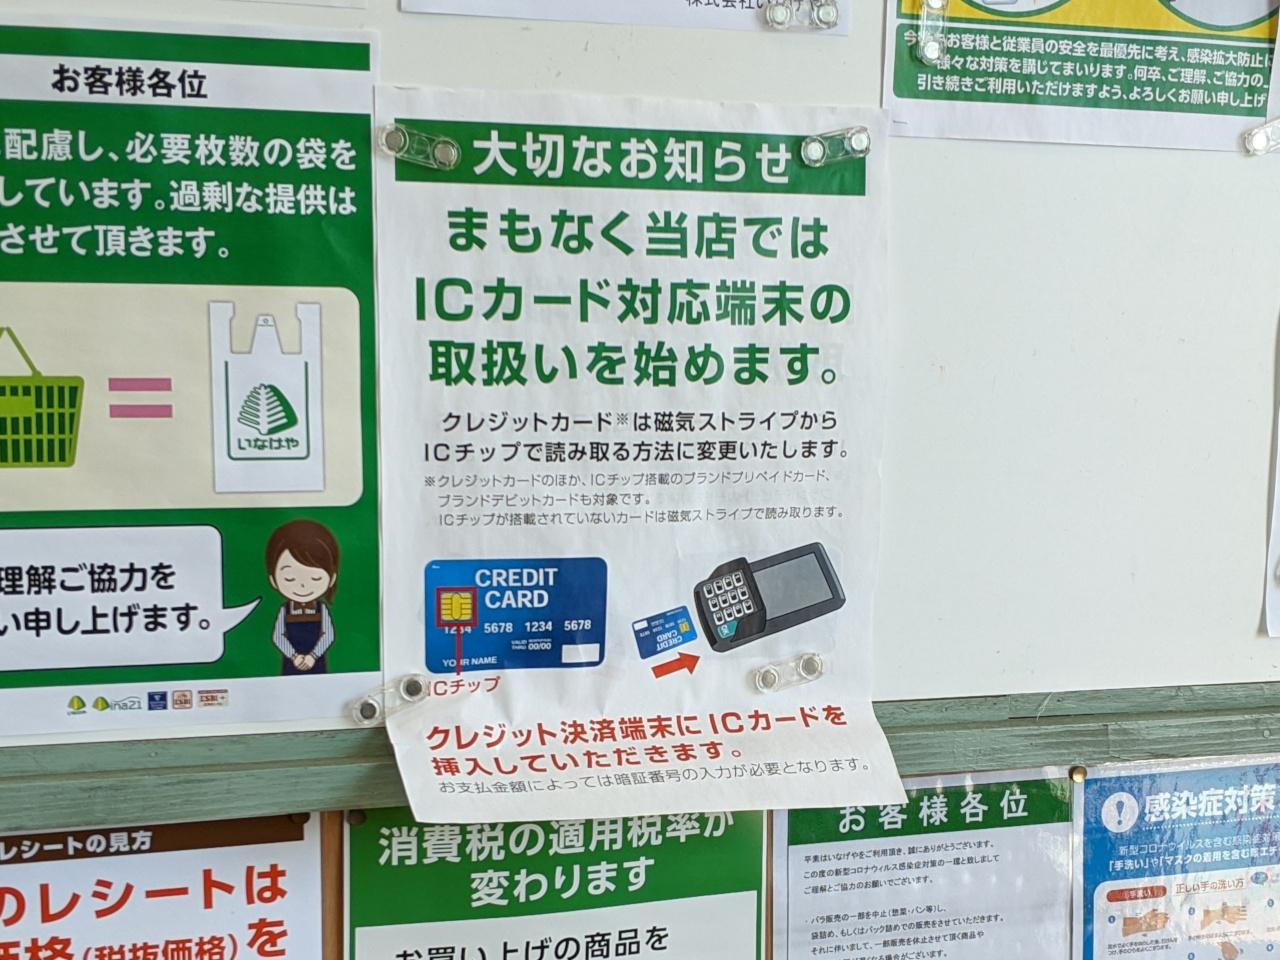 いなげや クレジット カード いなげやでクレジットカード・Payなどの電子マネーは使えますか?【知...